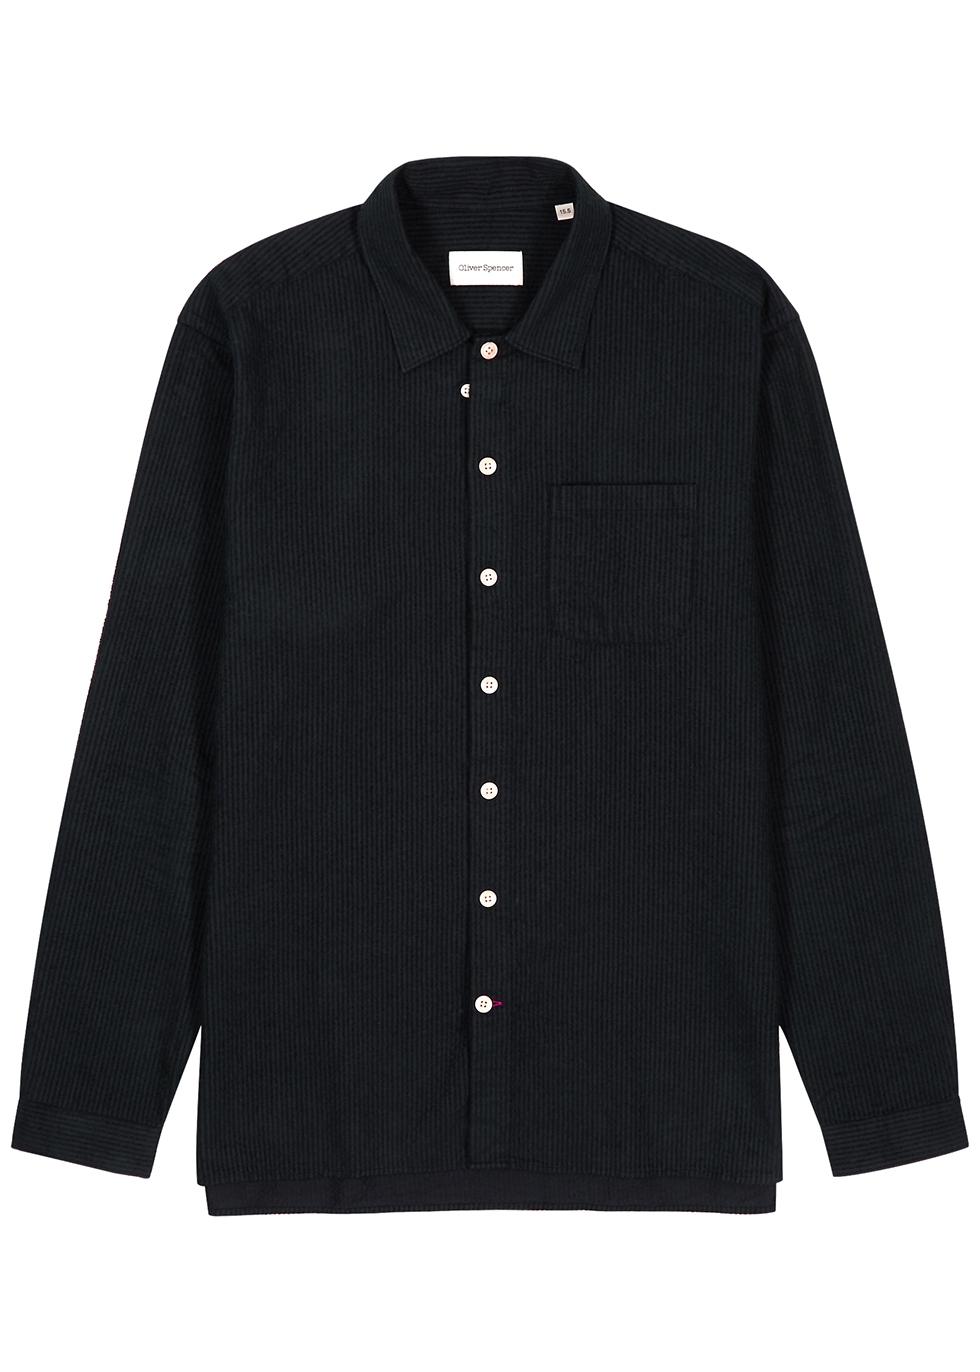 Miller black brushed-corduroy shirt